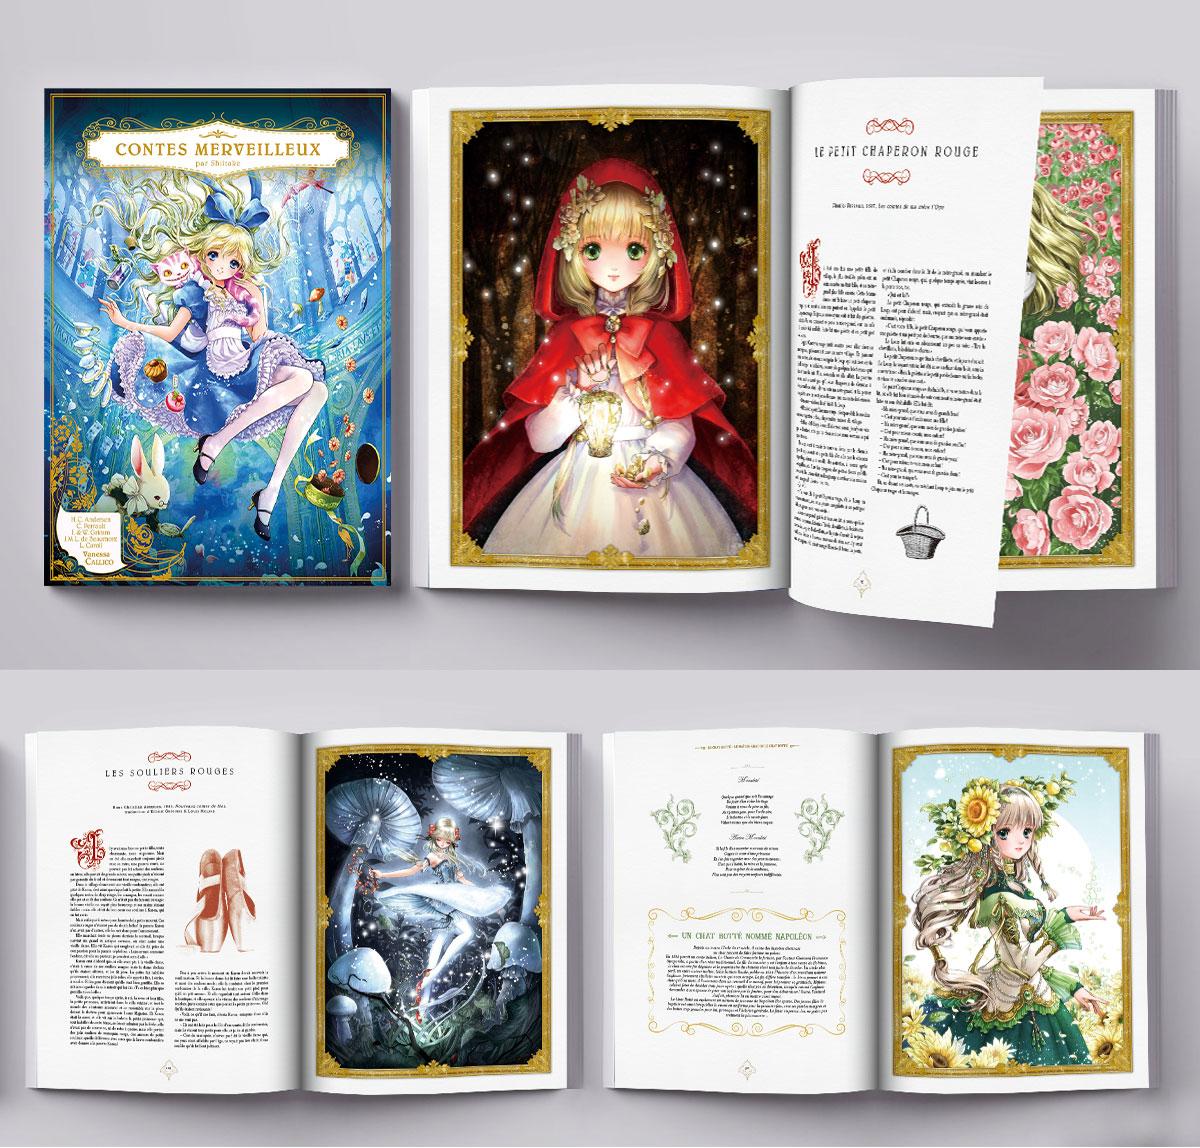 Infographiste indépendant, création et mise en page de livres encyclopédies jeunesse sur les contes